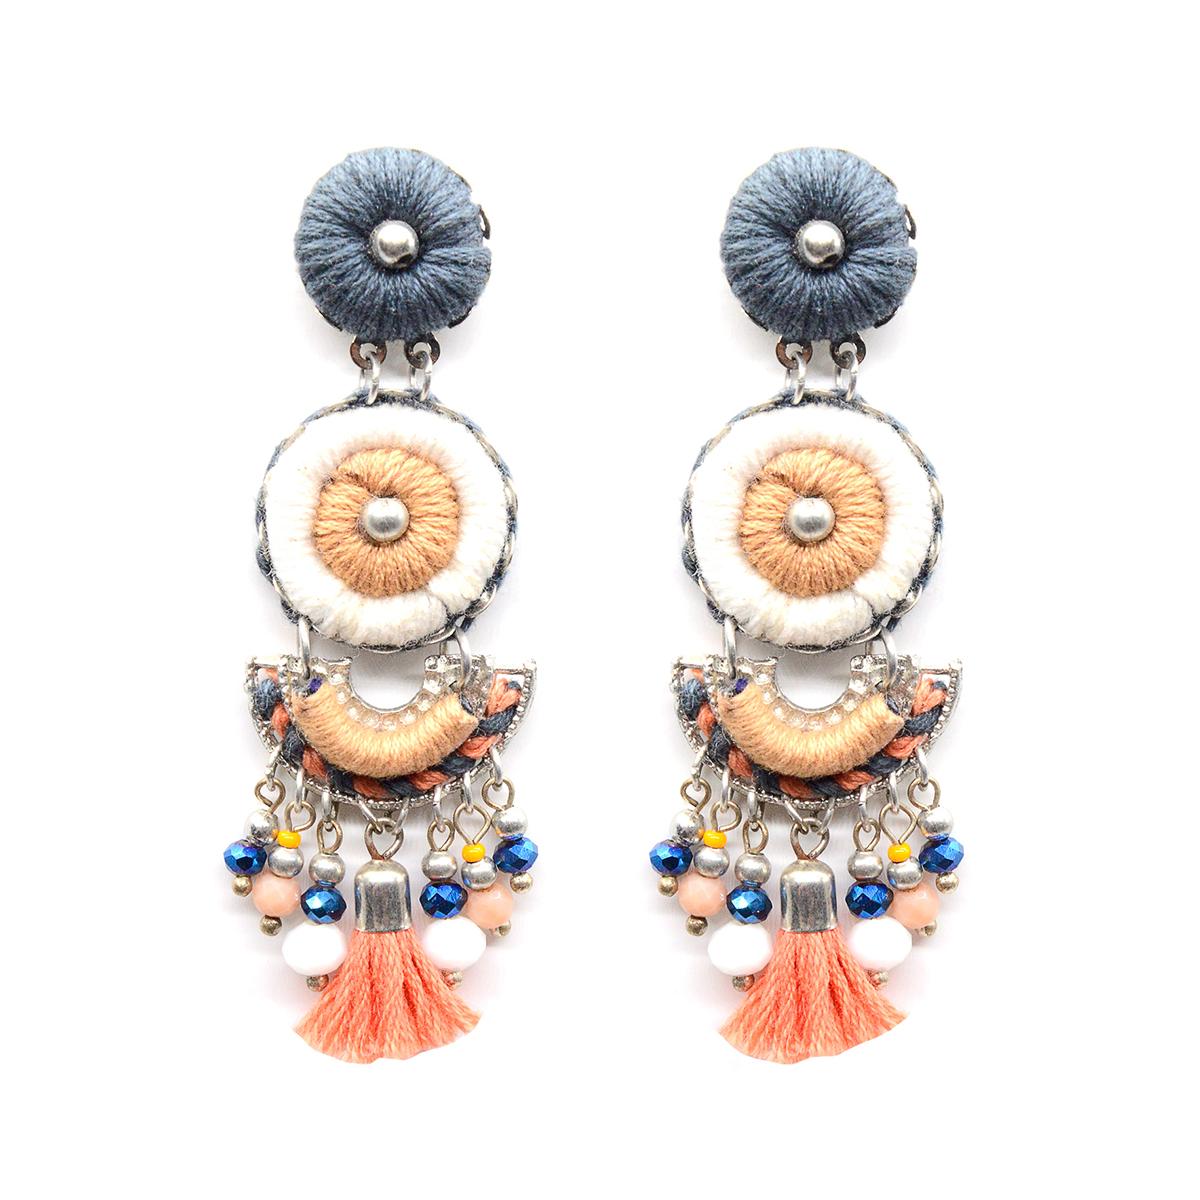 Statement drop stud earrings